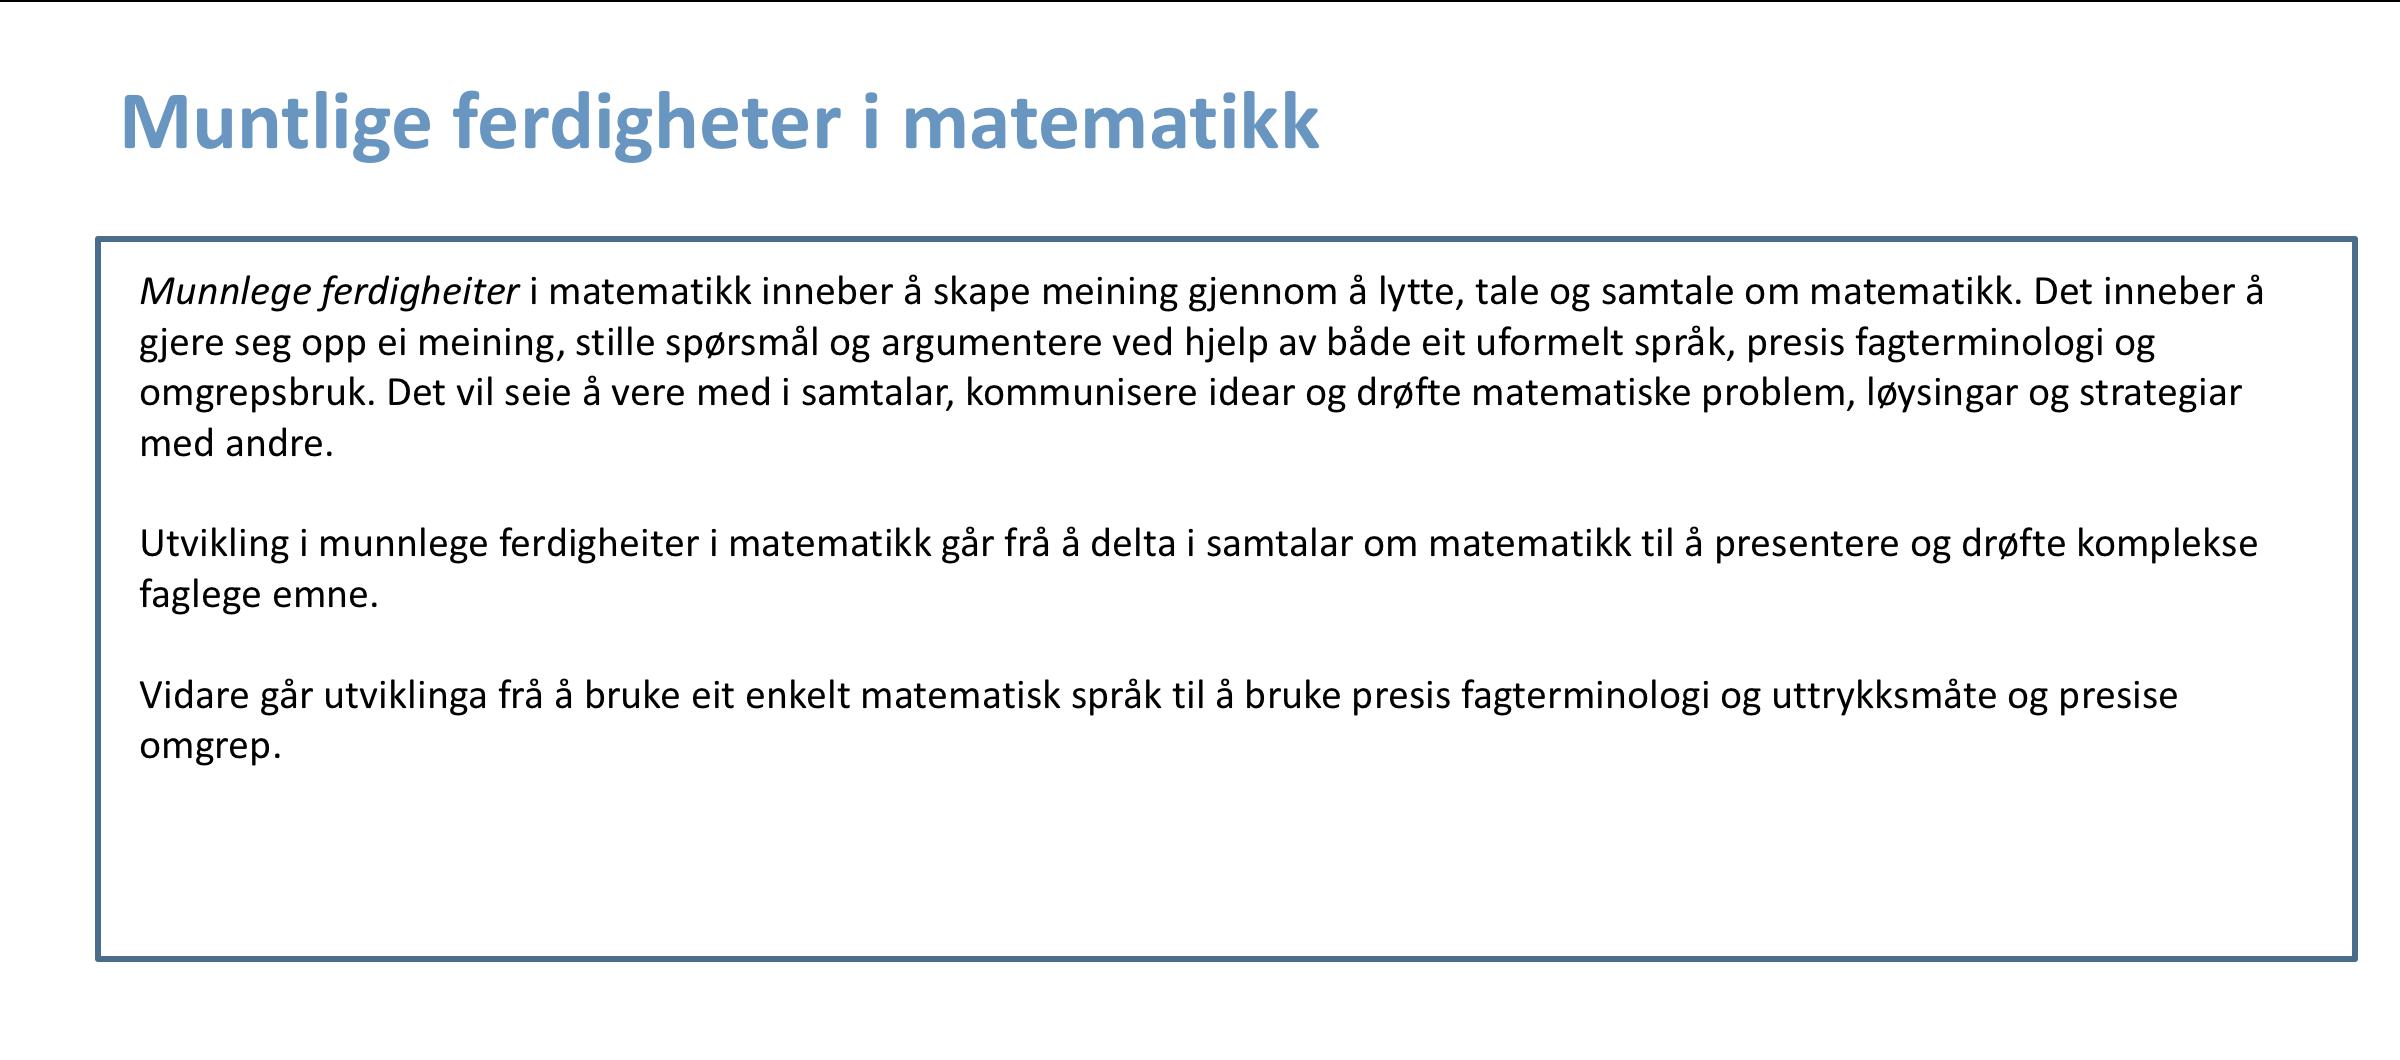 Muntlige ferdigheter i matematikk